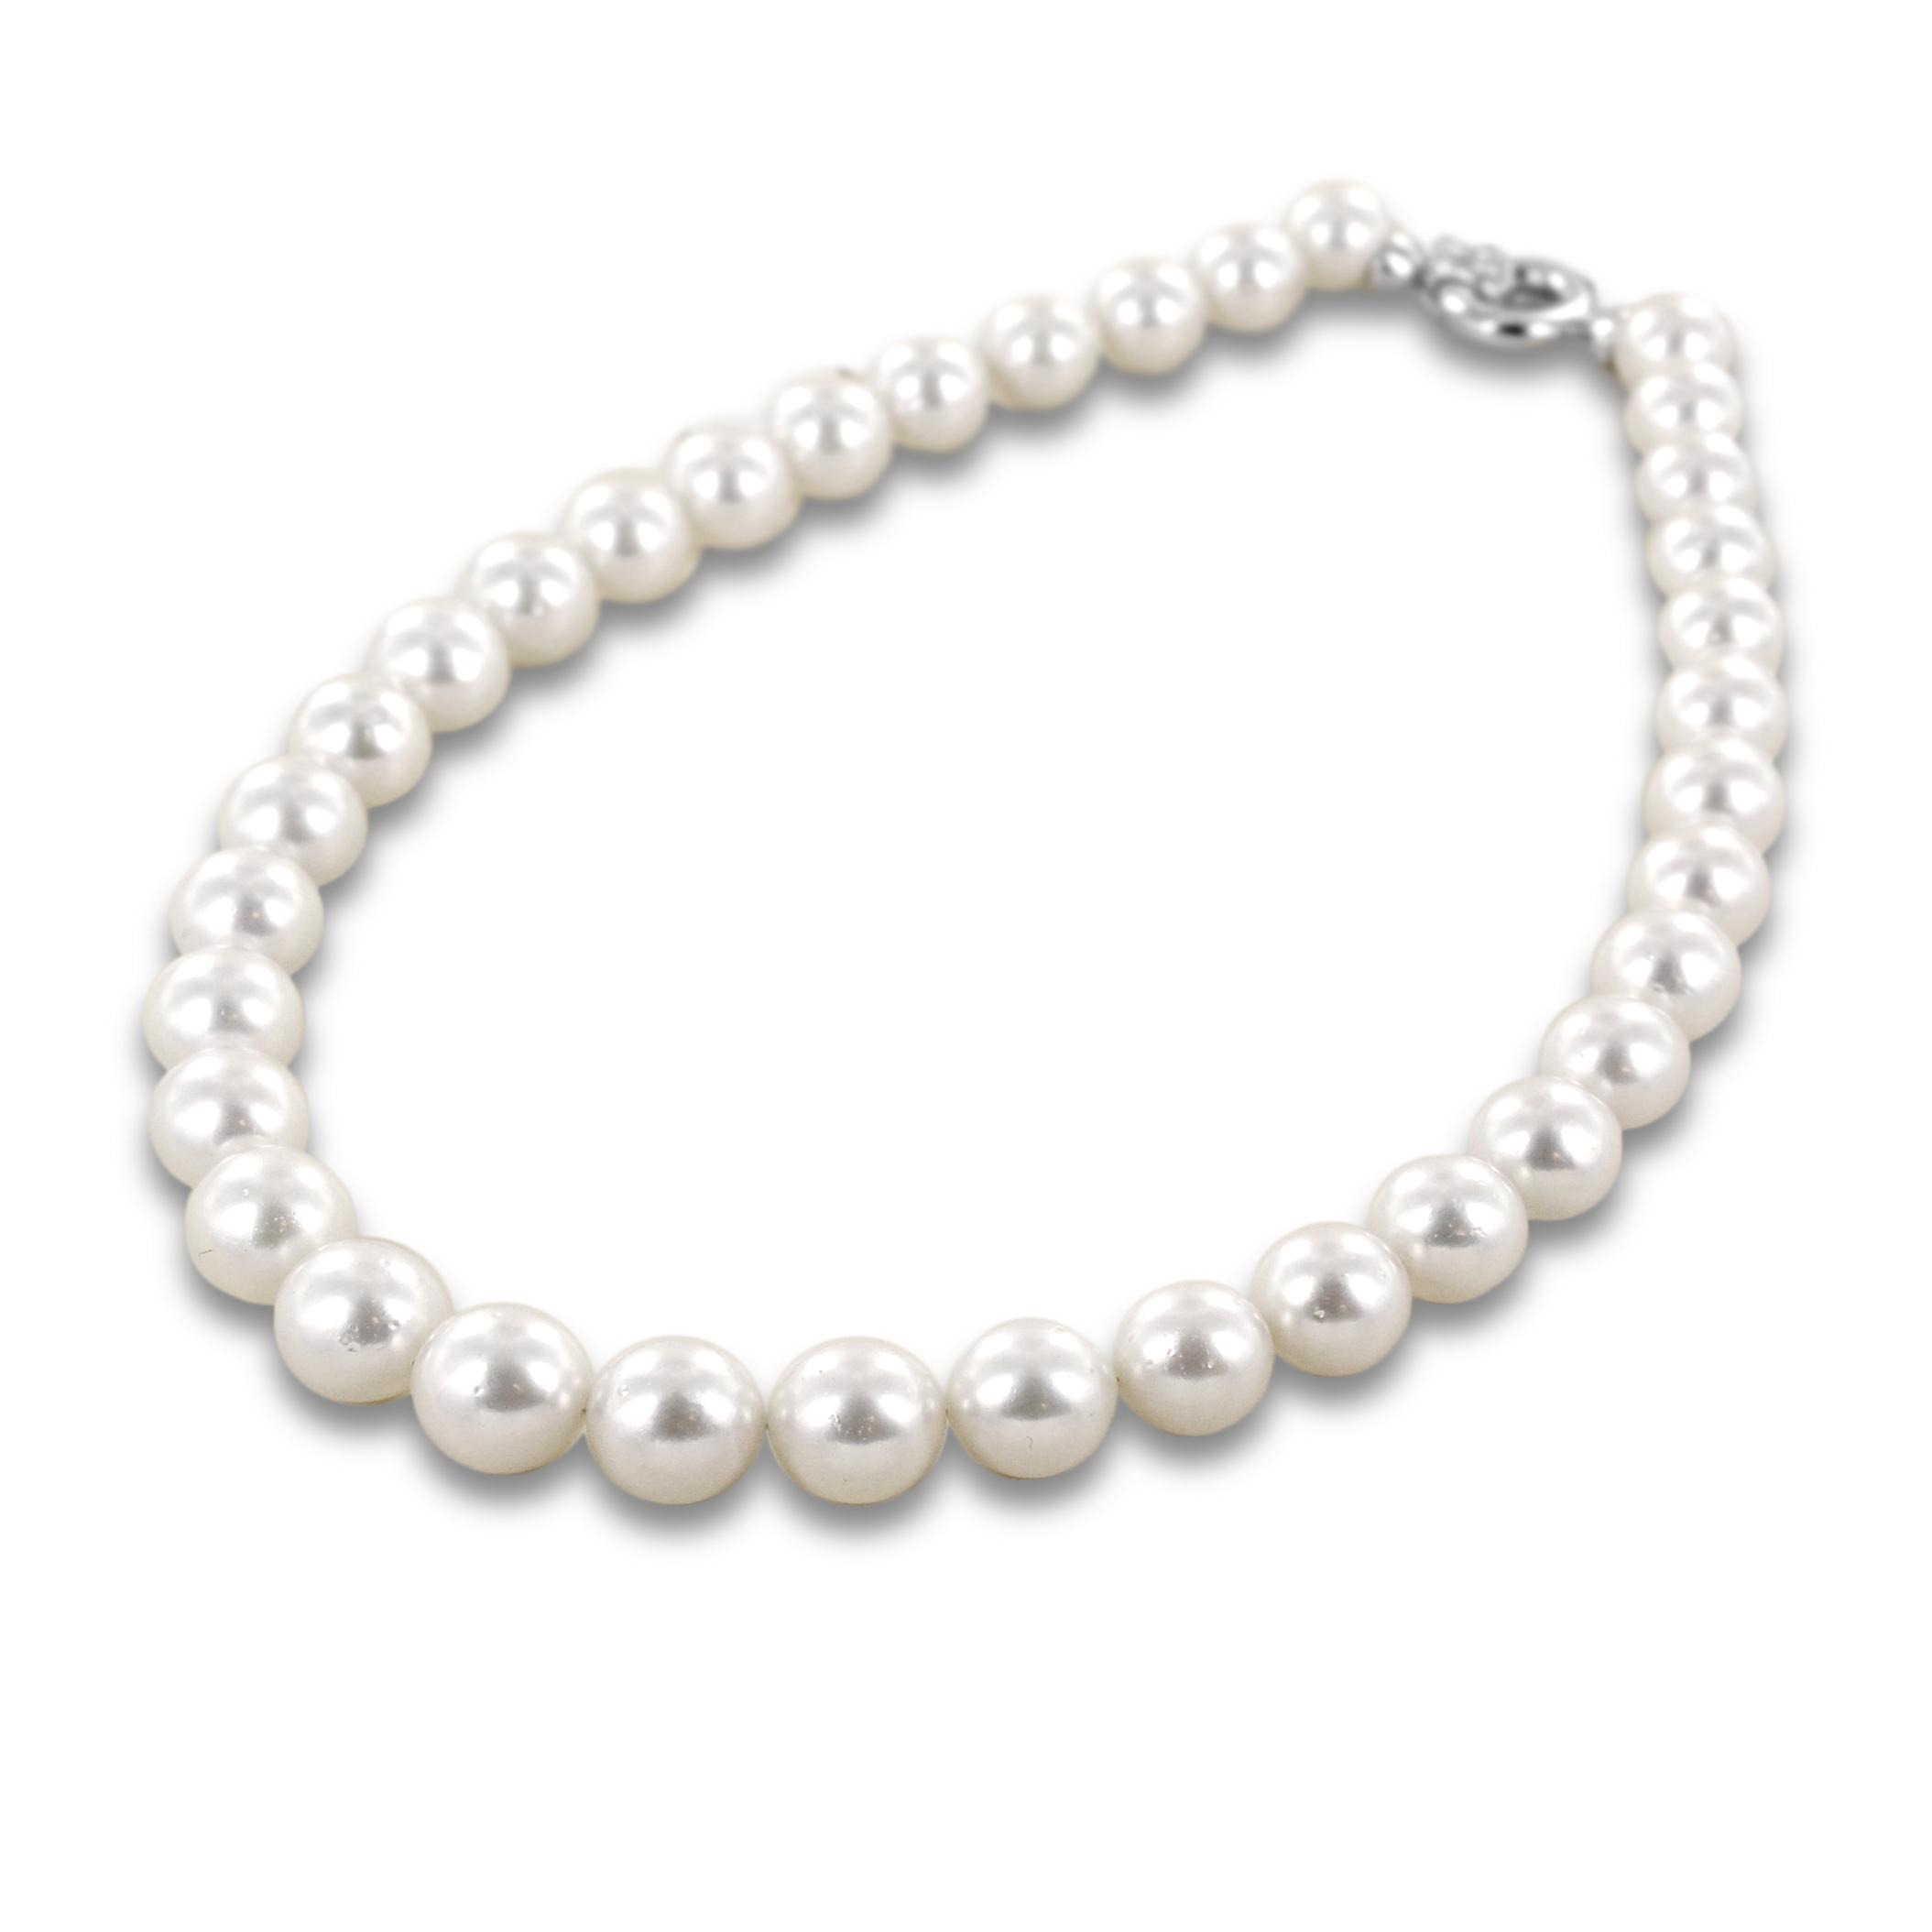 Collana filo di perle Australiane con chiusura in oro e diamanti